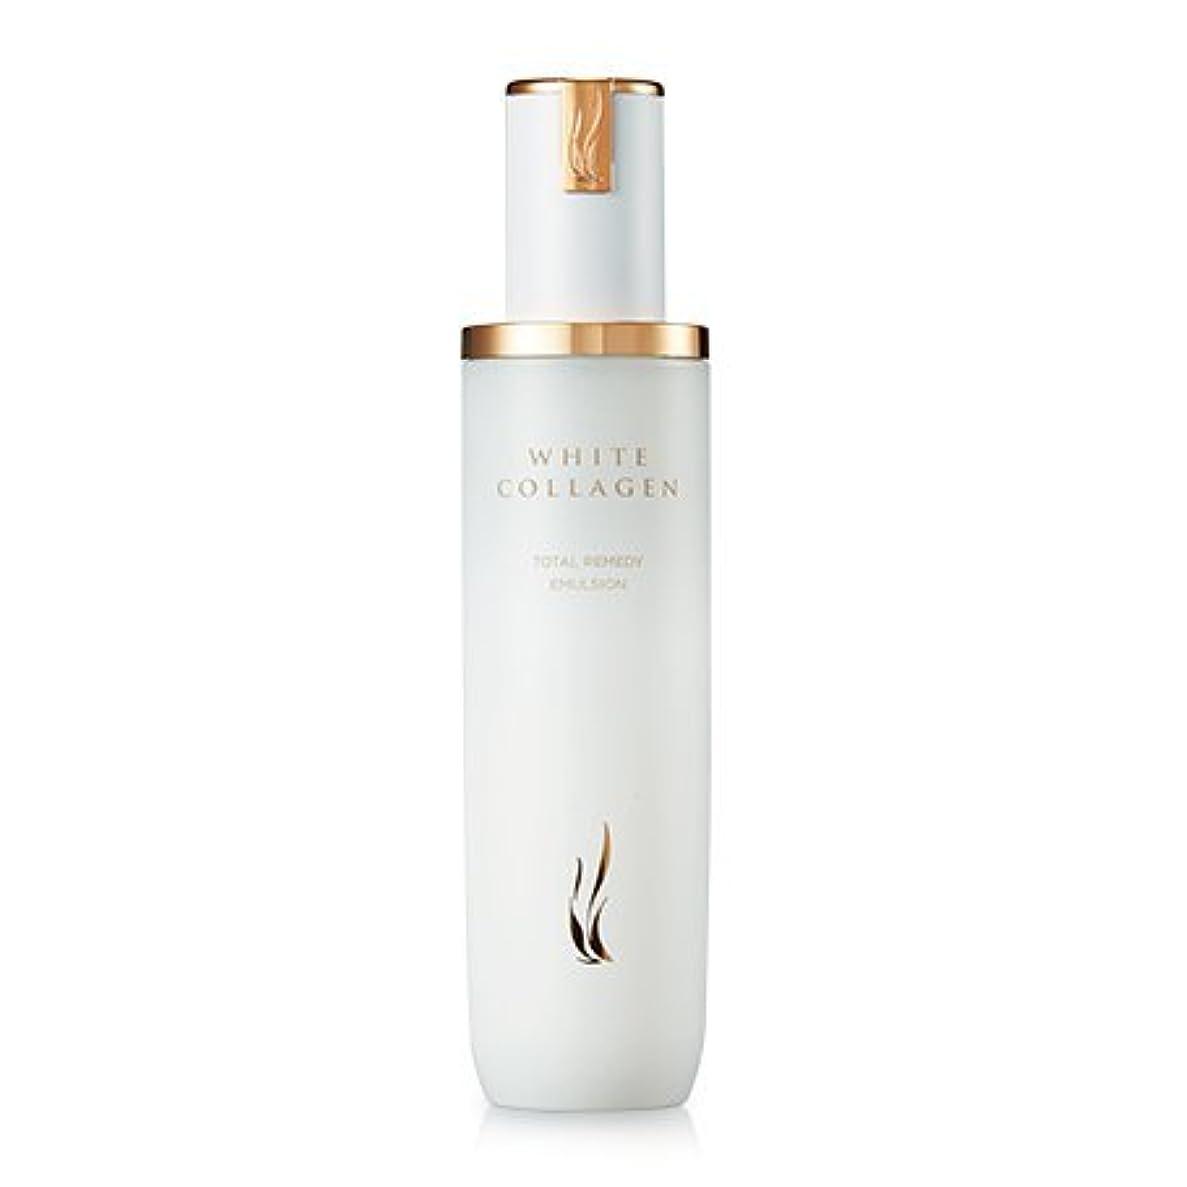 人生を作る配管工肥料[New] A.H.C (AHC) White Collagen Total Remedy Emulsion 130ml/A.H.C ホワイト コラーゲン トータル レミディ エマルジョン 130ml [並行輸入品]